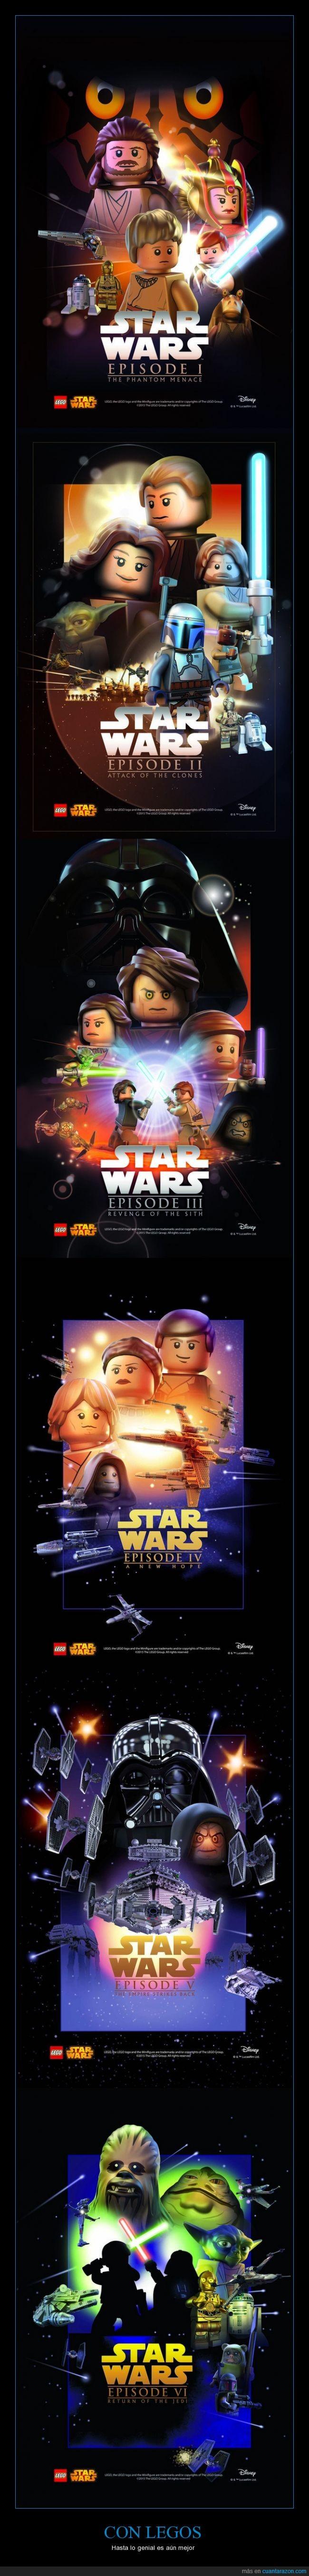 cartel,figura,lego,montaje,pelicula,reproducción,Star wars